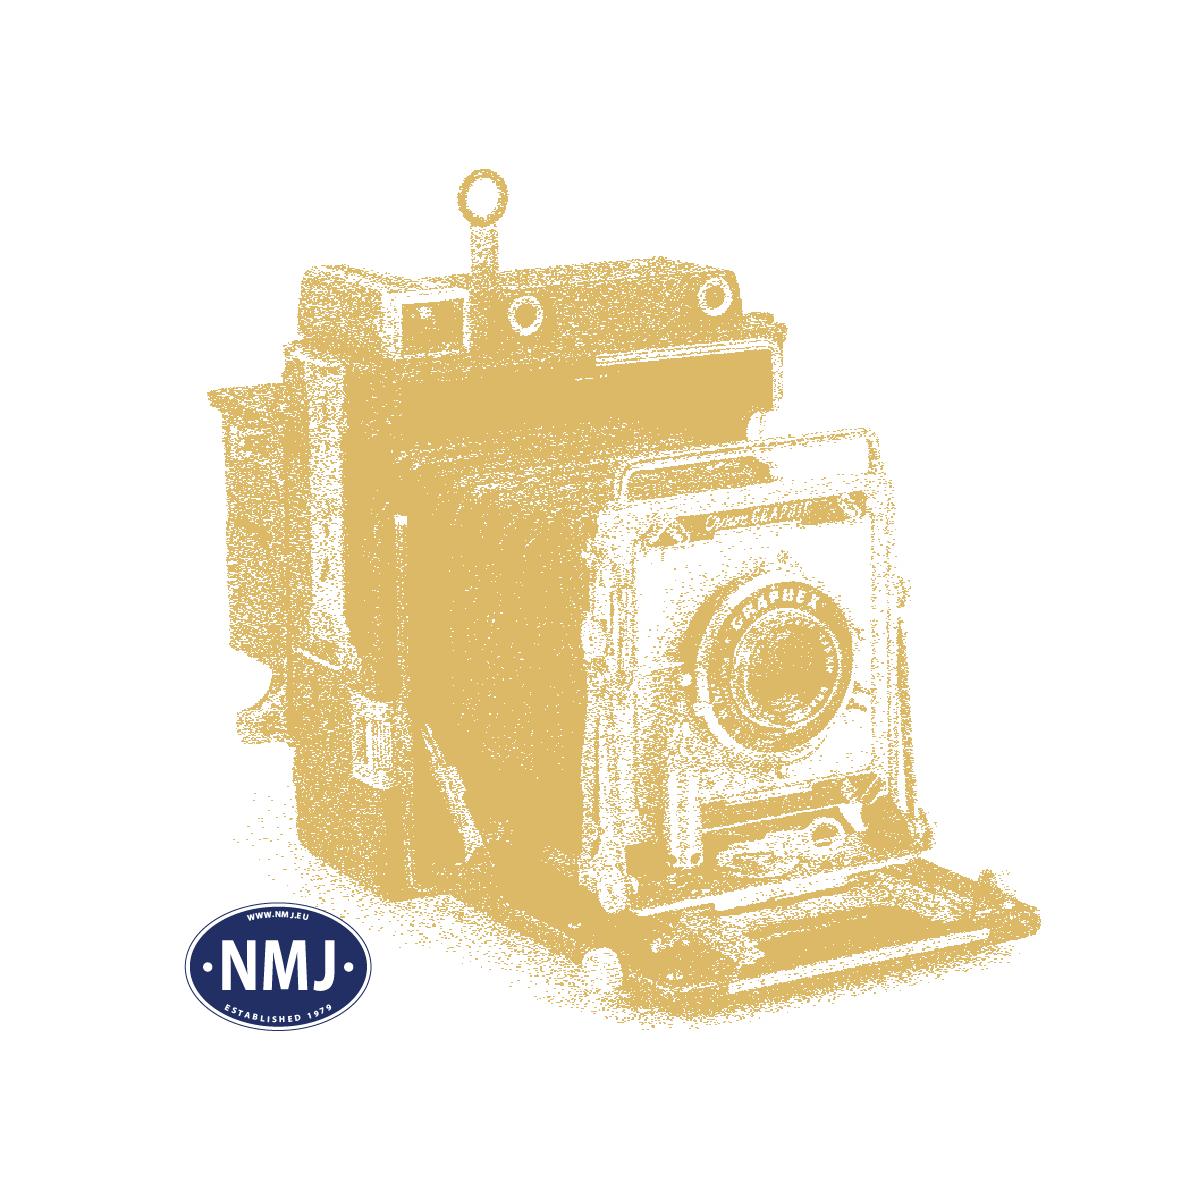 NMJT80.201 - NMJ Topline NSB EL17.2228 rot/schwarz (V2.0), DC